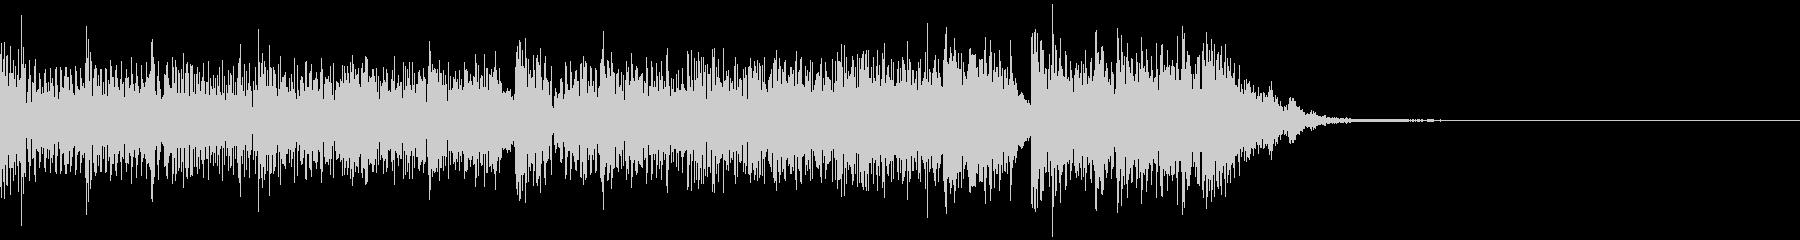 ハードなベースとドラム 映画予告 12秒の未再生の波形